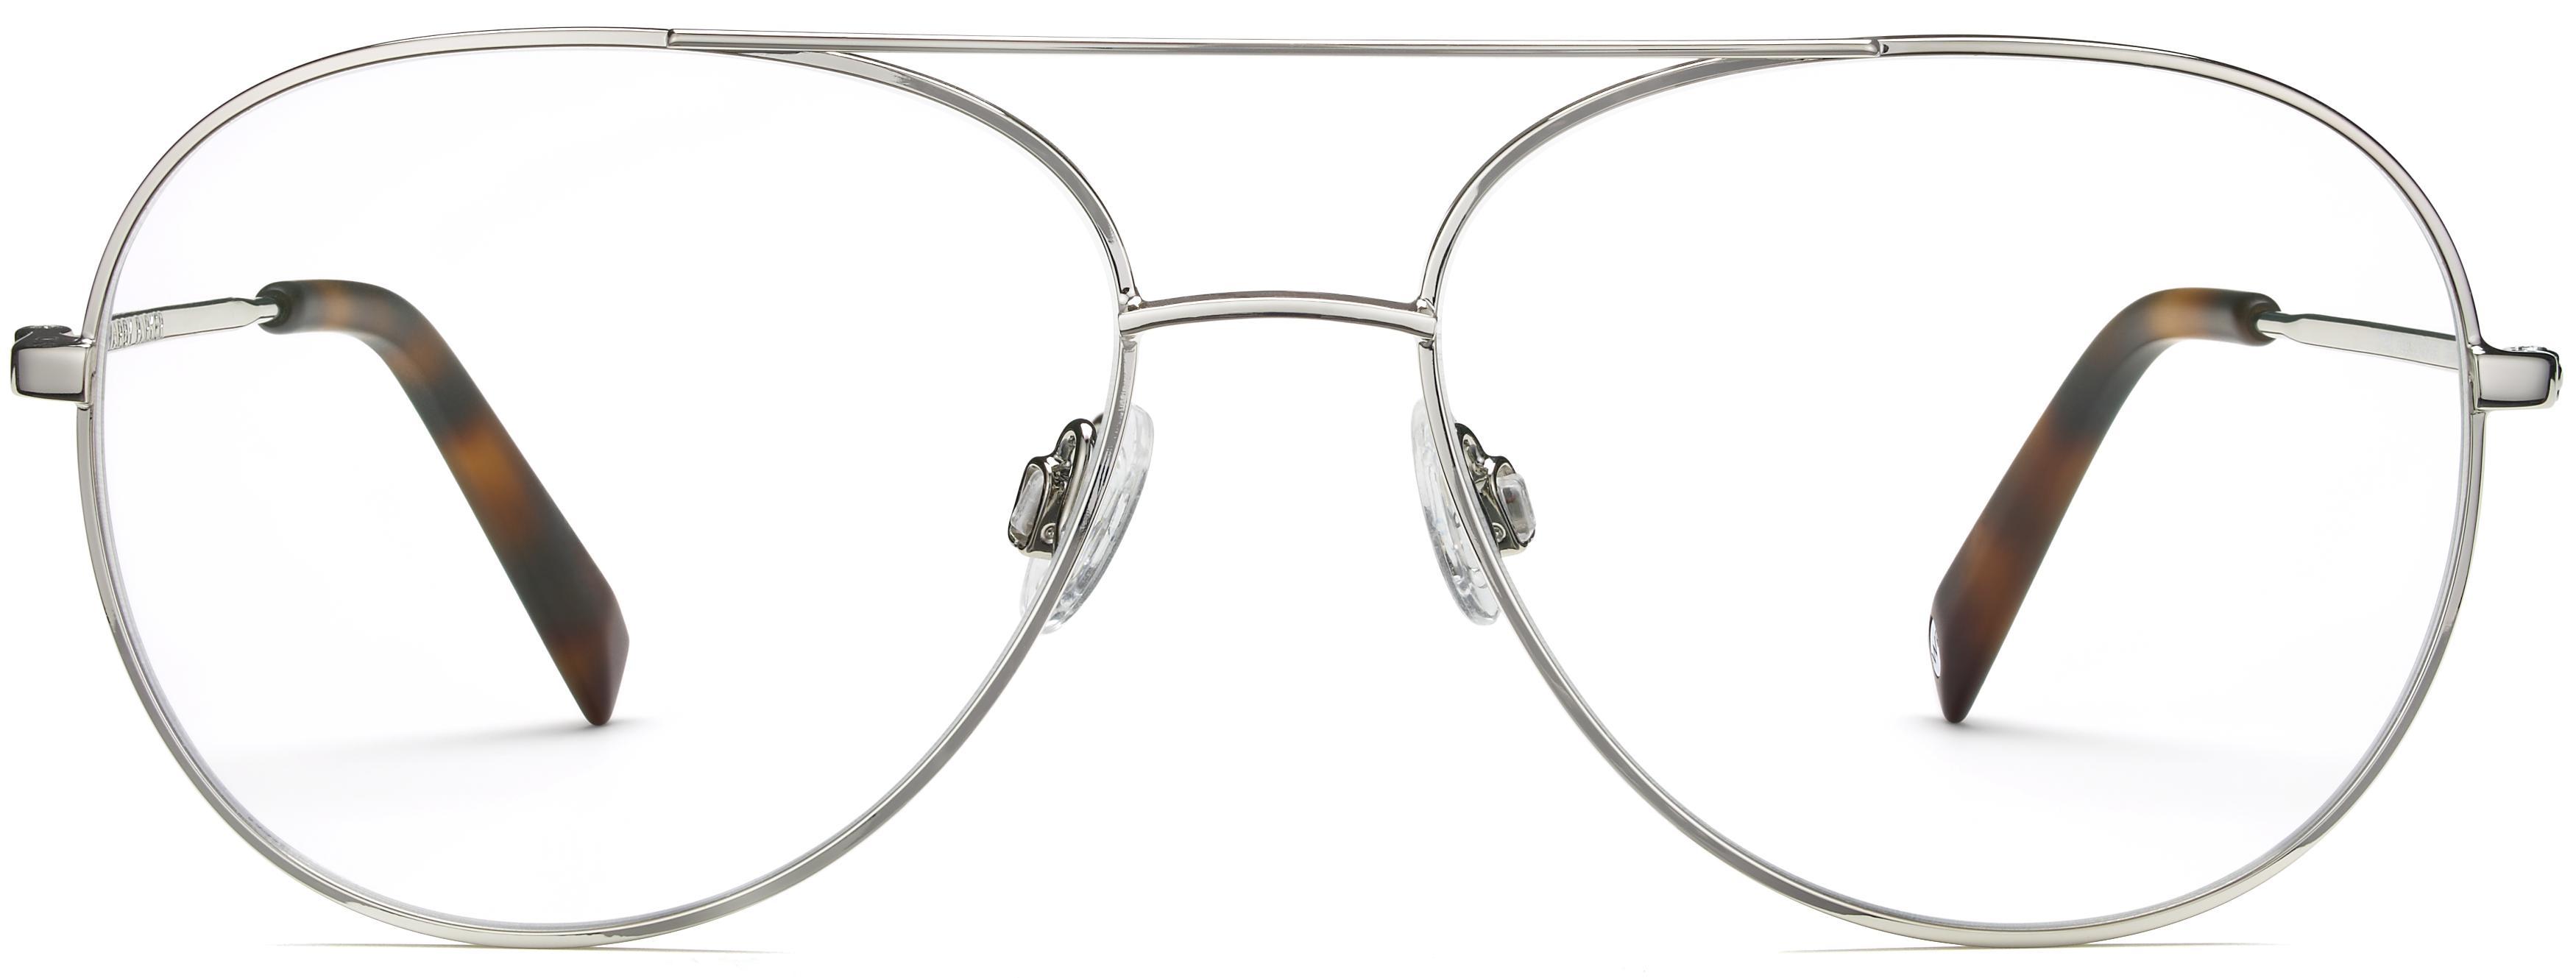 5893a007da40 Men s Eyeglasses